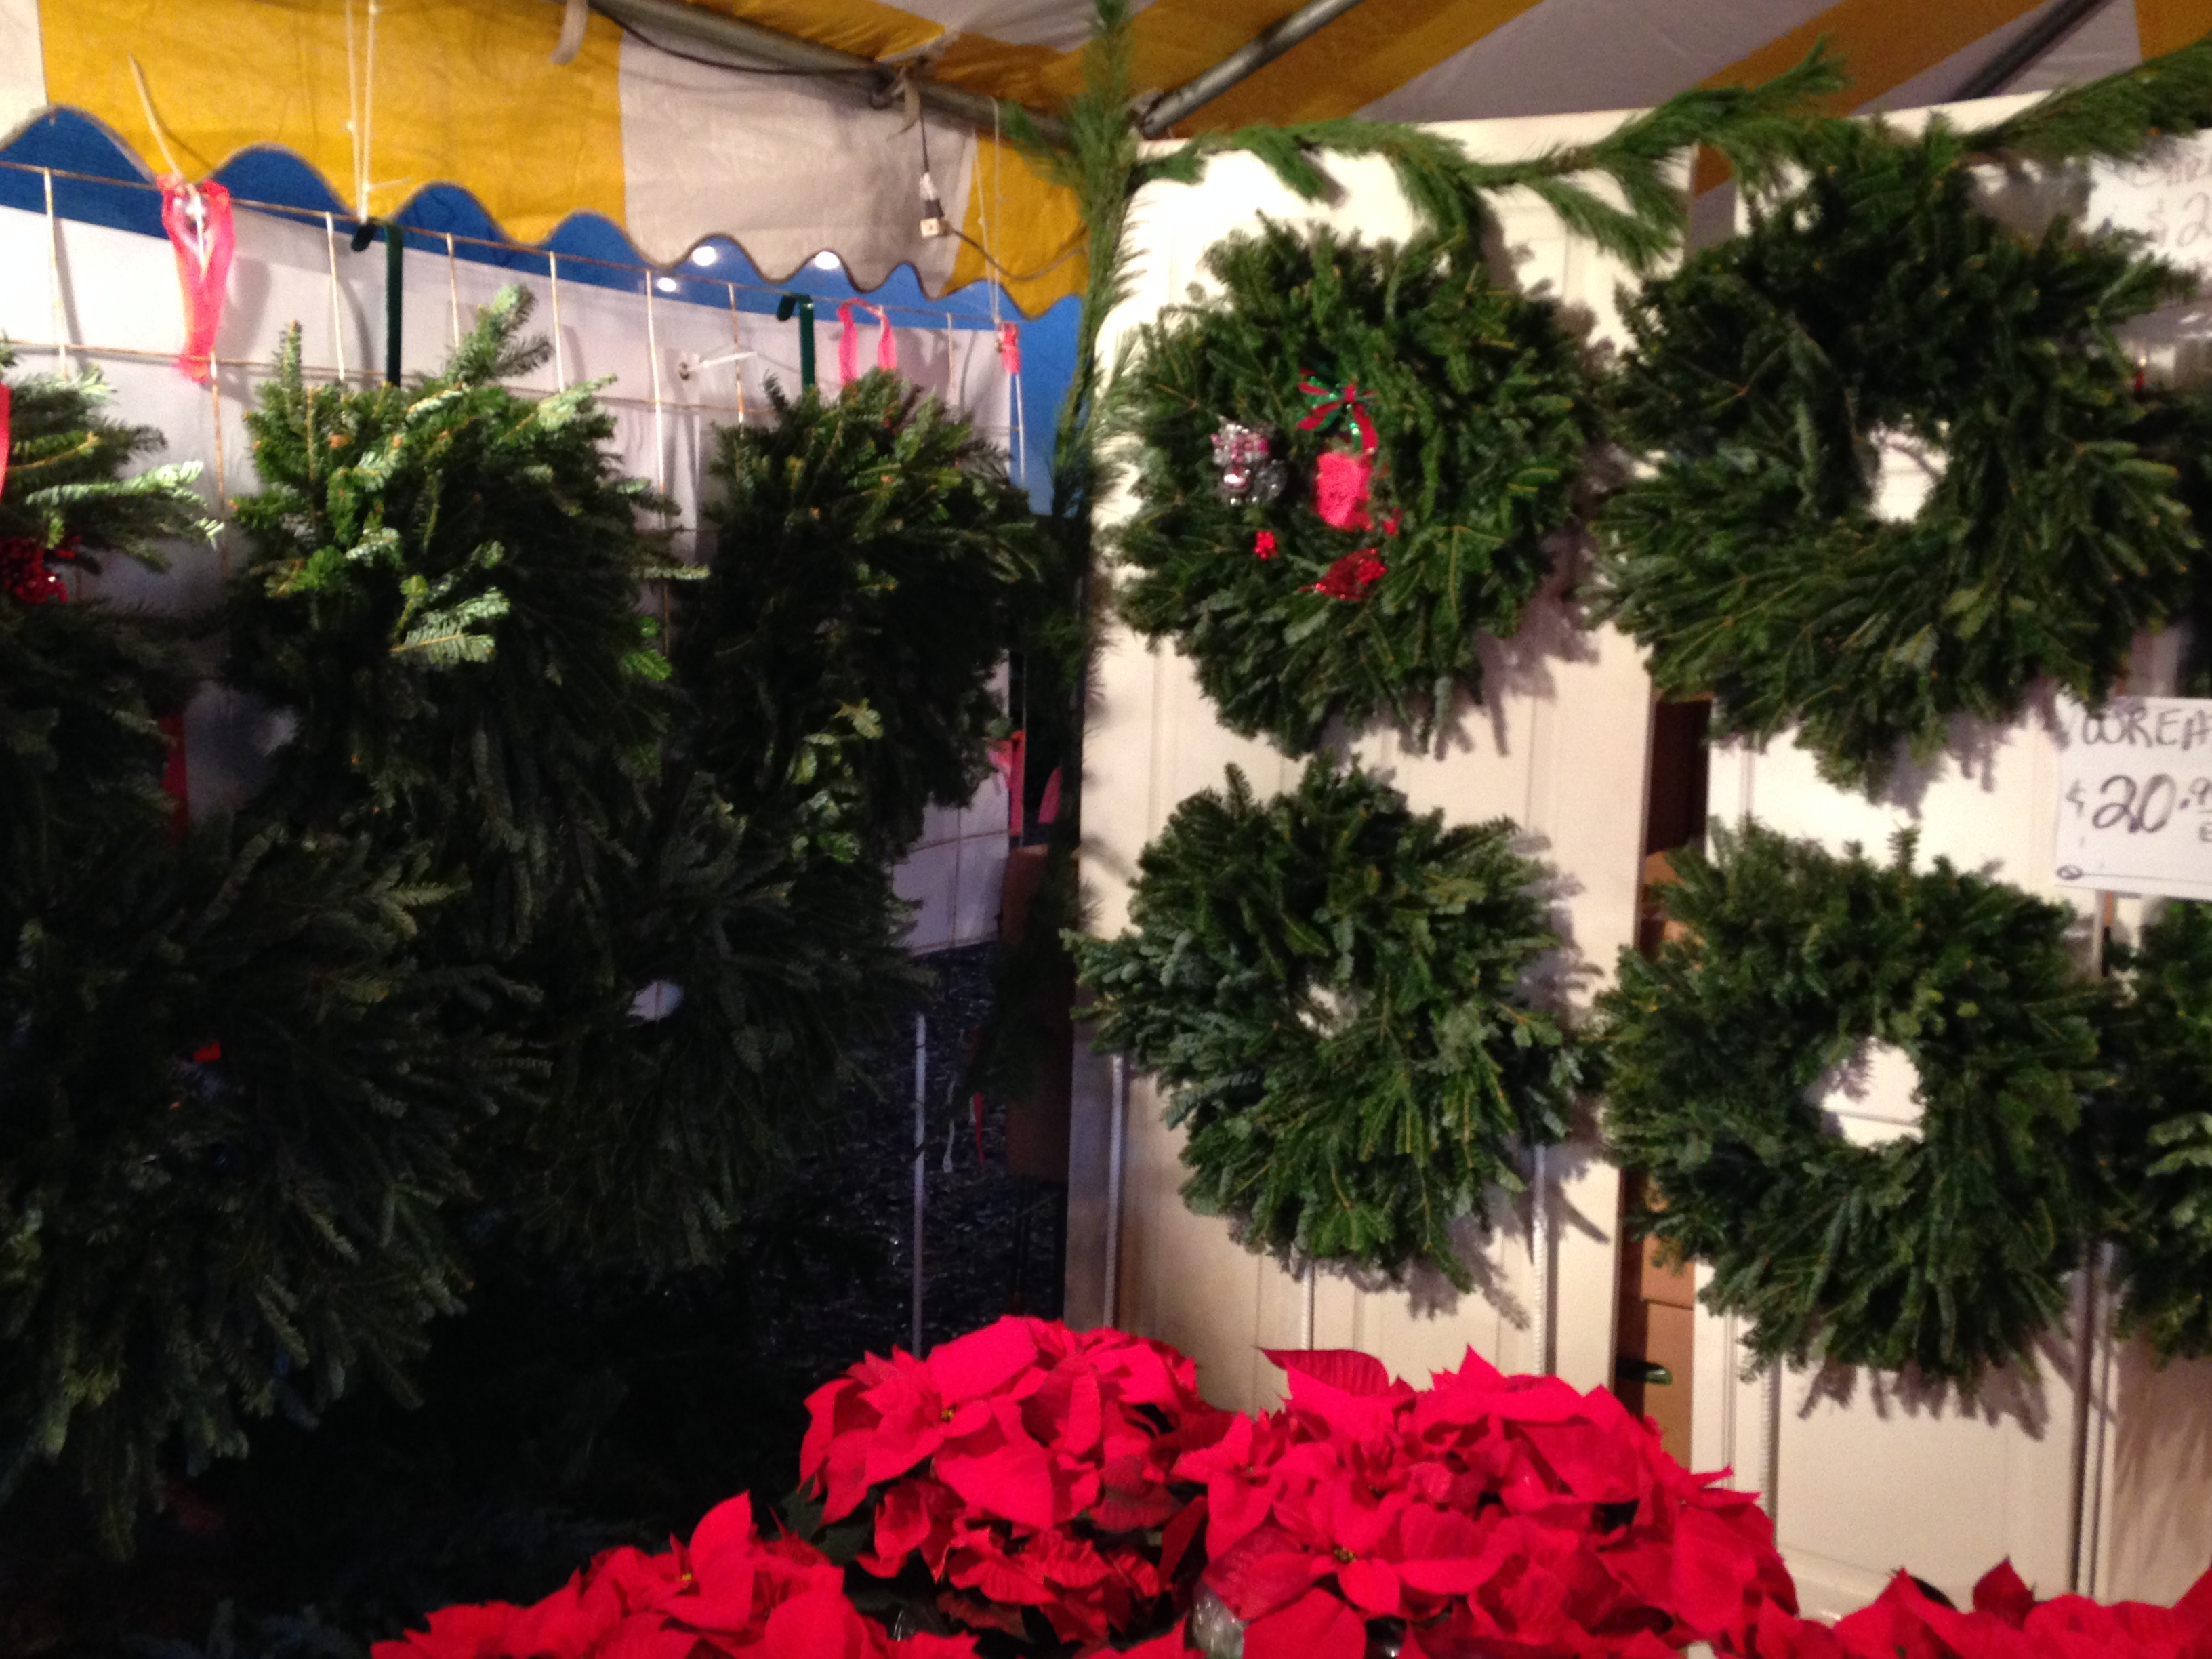 Dave's Christmas Tree Lot image 5